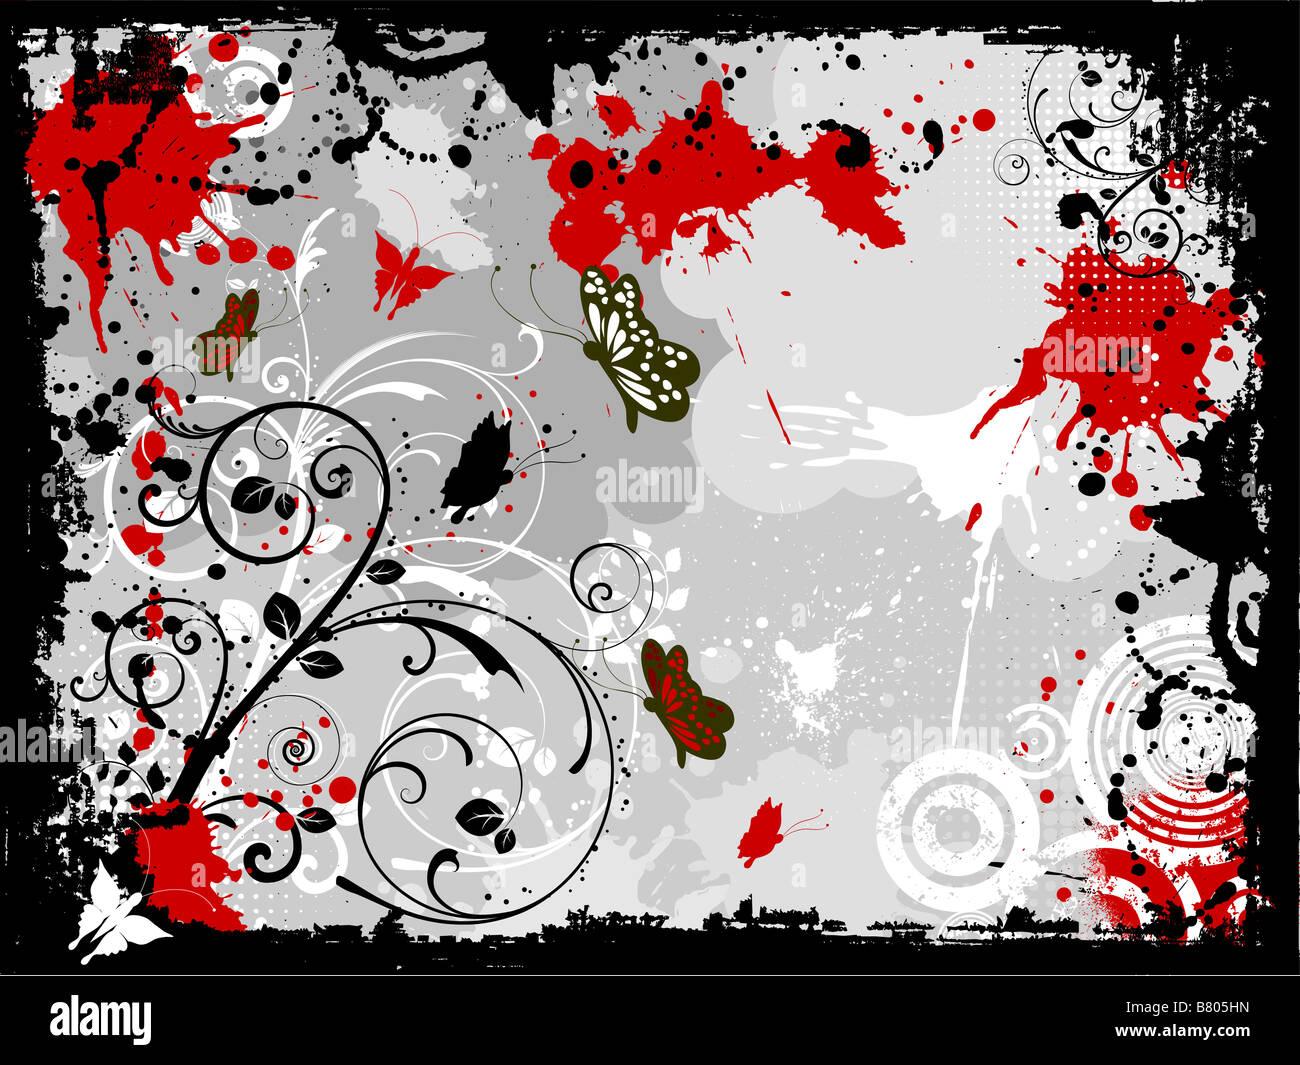 Grunge diseño floral decorativo con mariposas Imagen De Stock